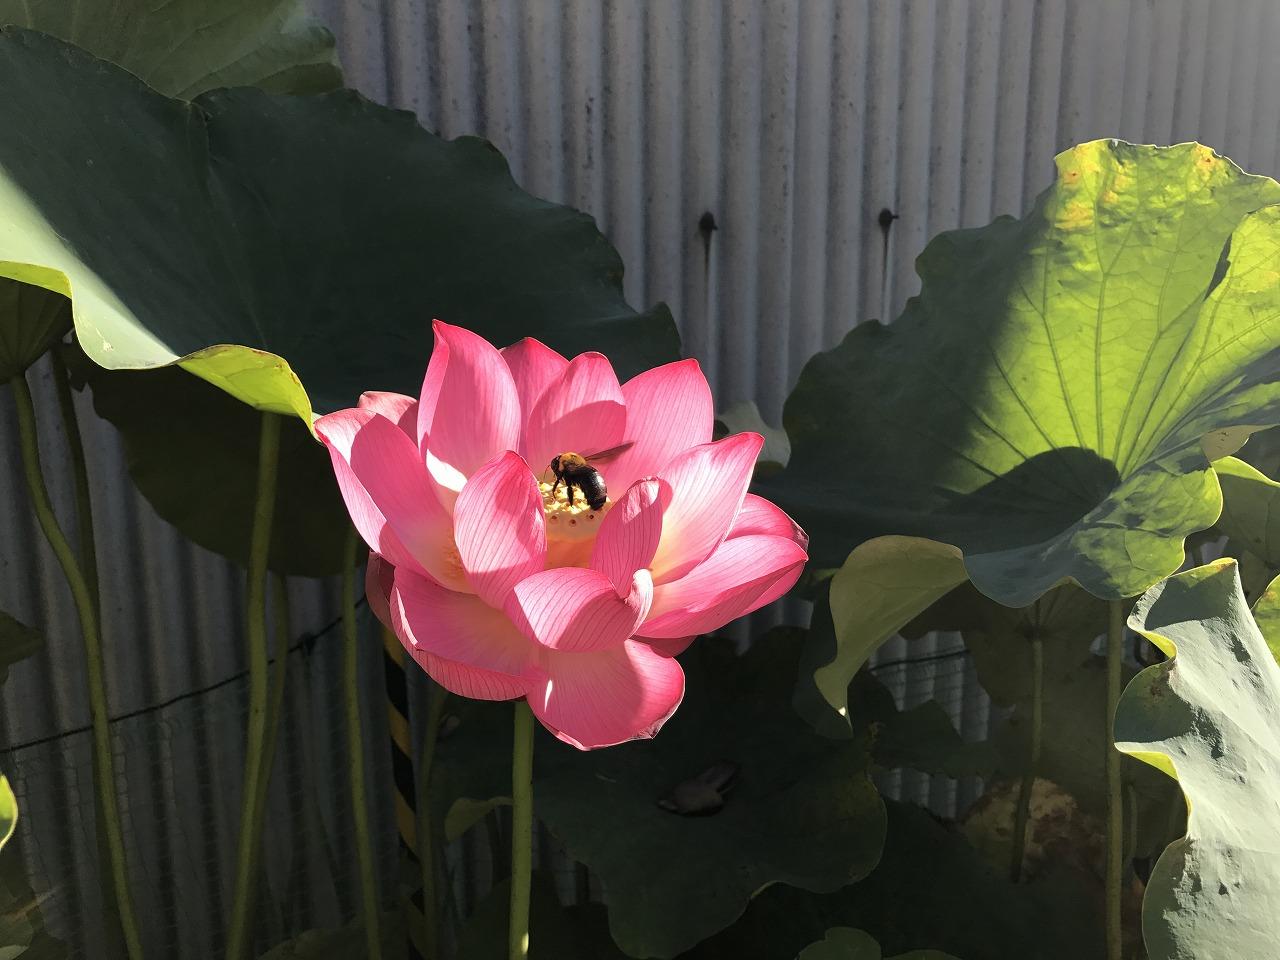 20170804-Lotus_Shokkoren-I01.jpg